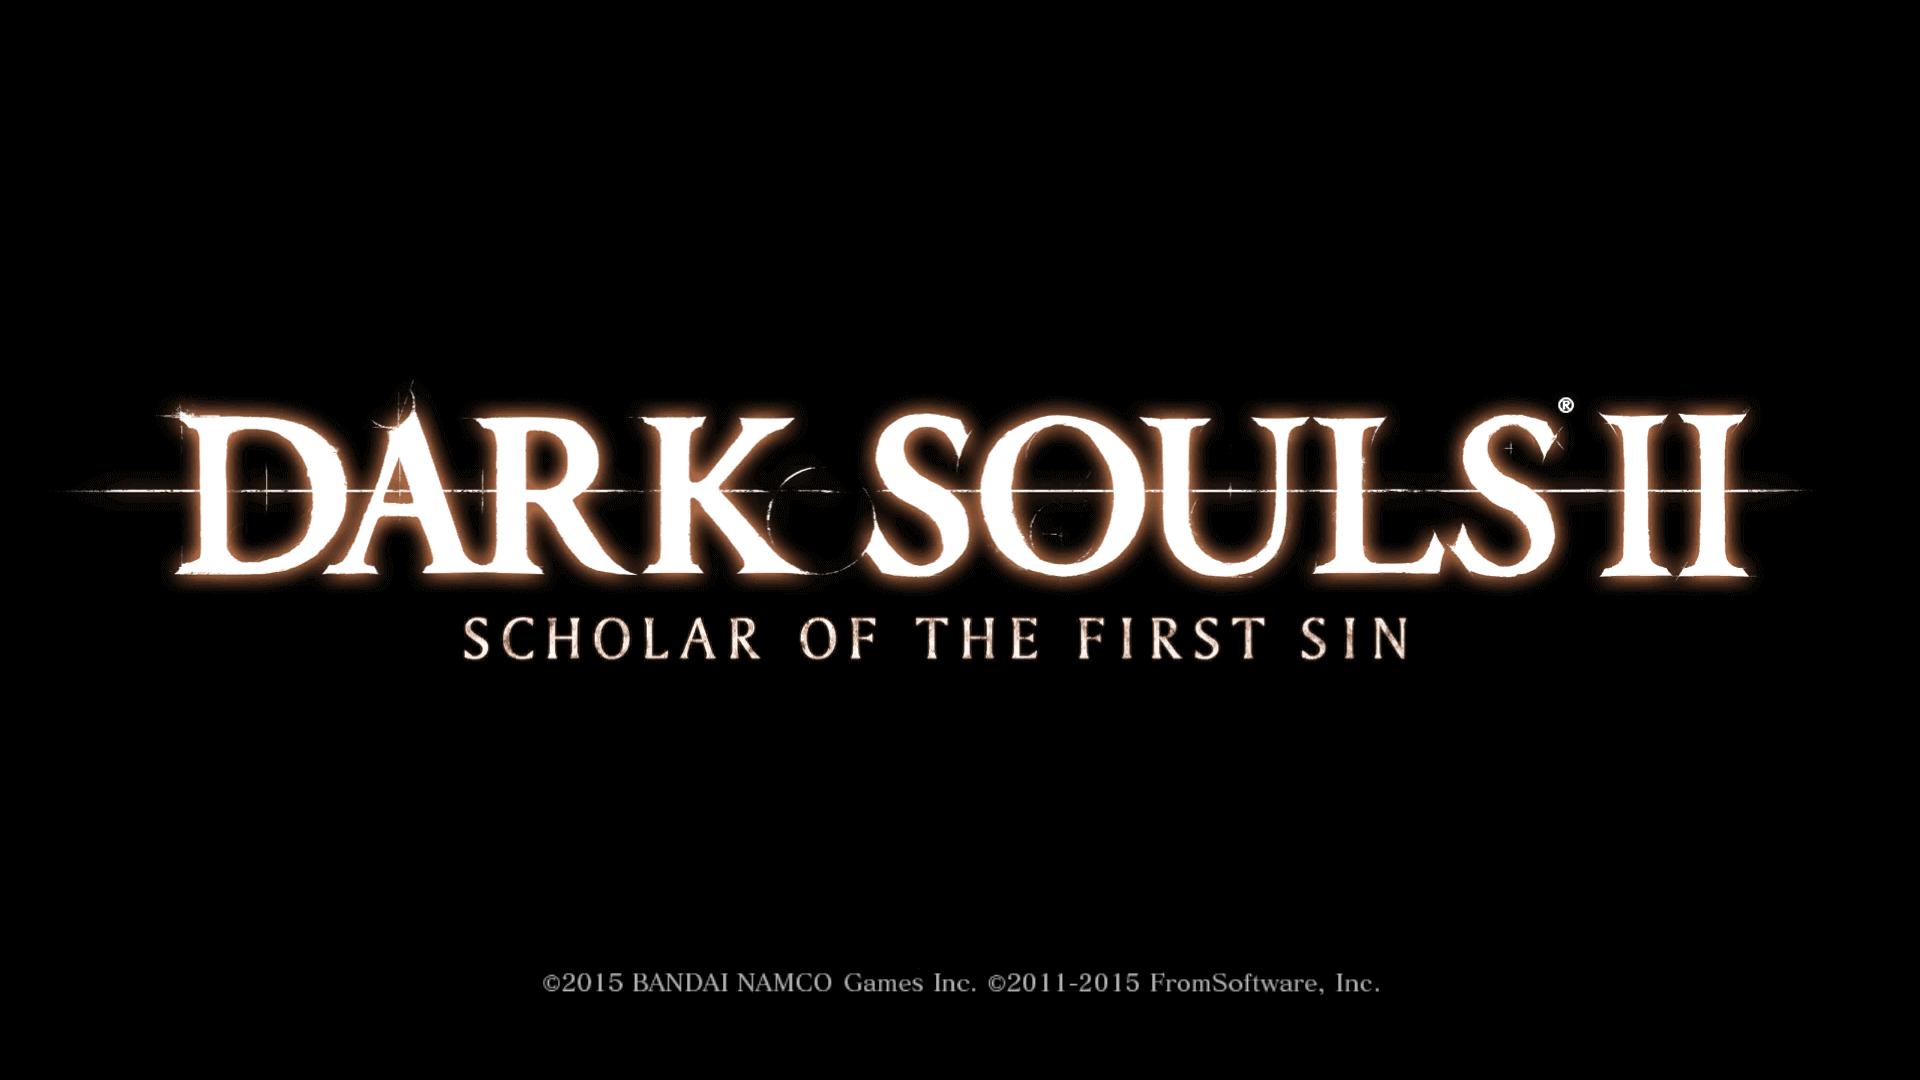 PC ゲーム DARK SOULS II Scholar of the First Sin のキャラ移動をスムーズに操作できるアナログスティック設定方法